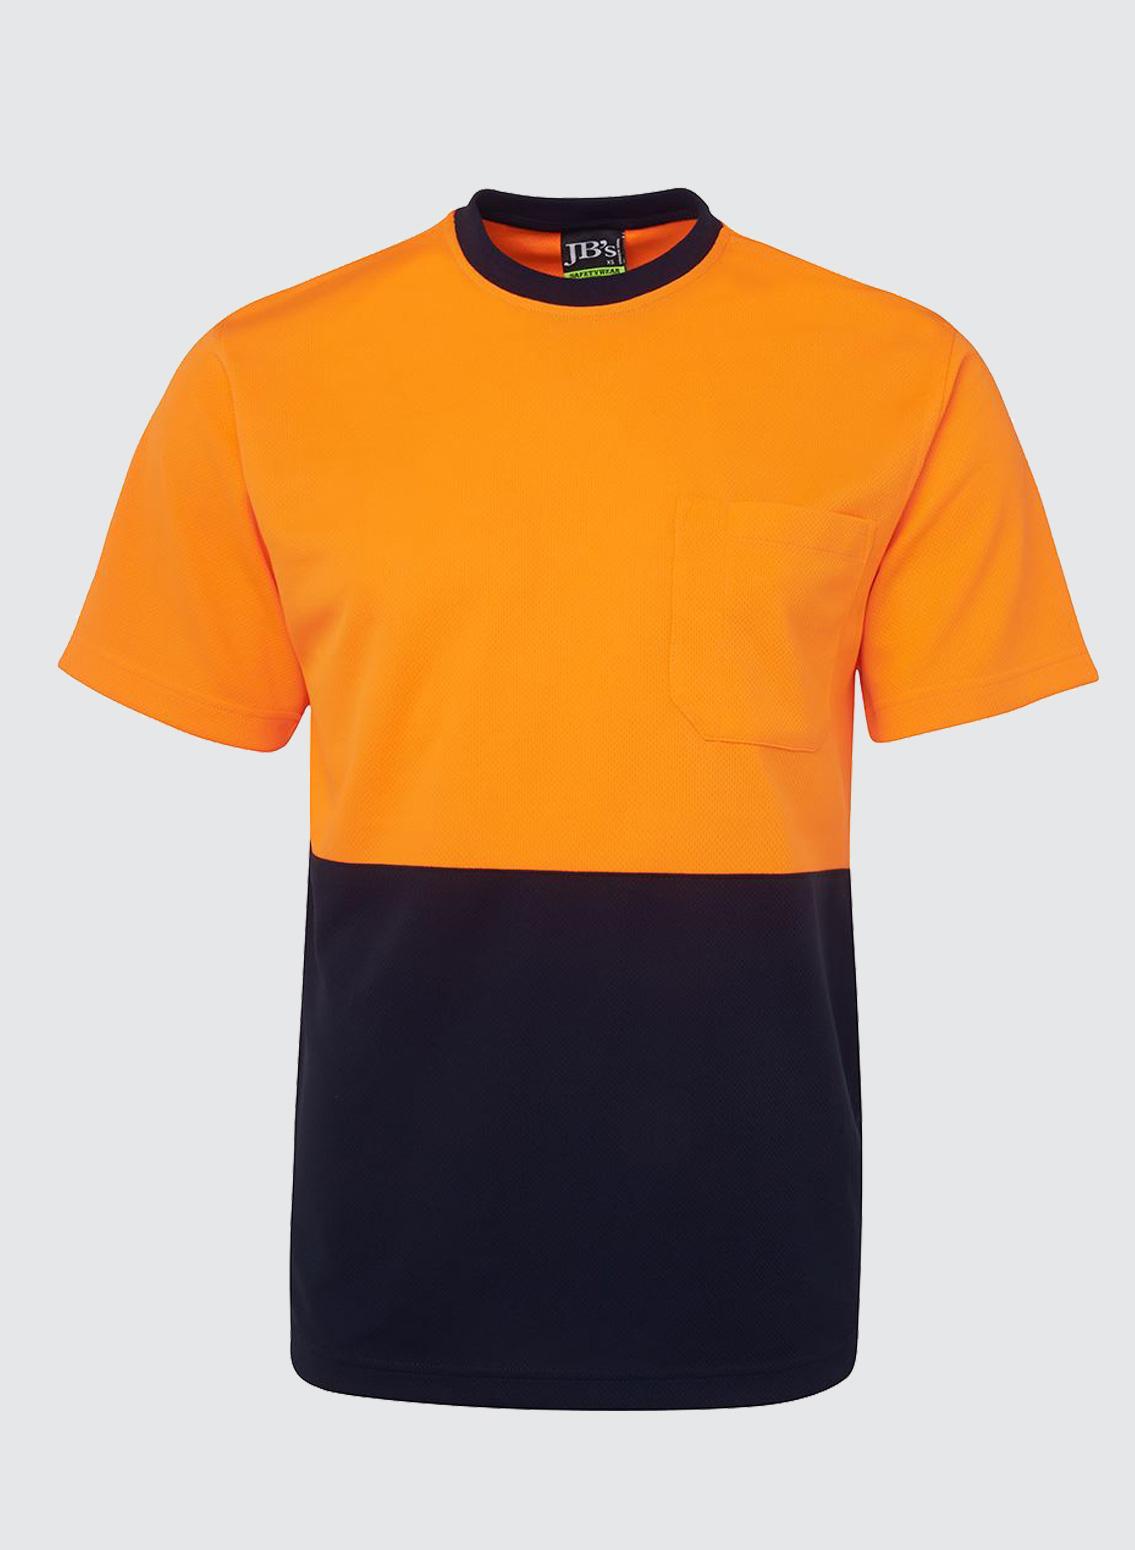 6hvt hi vis traditonal t shirt business image group for Custom hi vis shirts